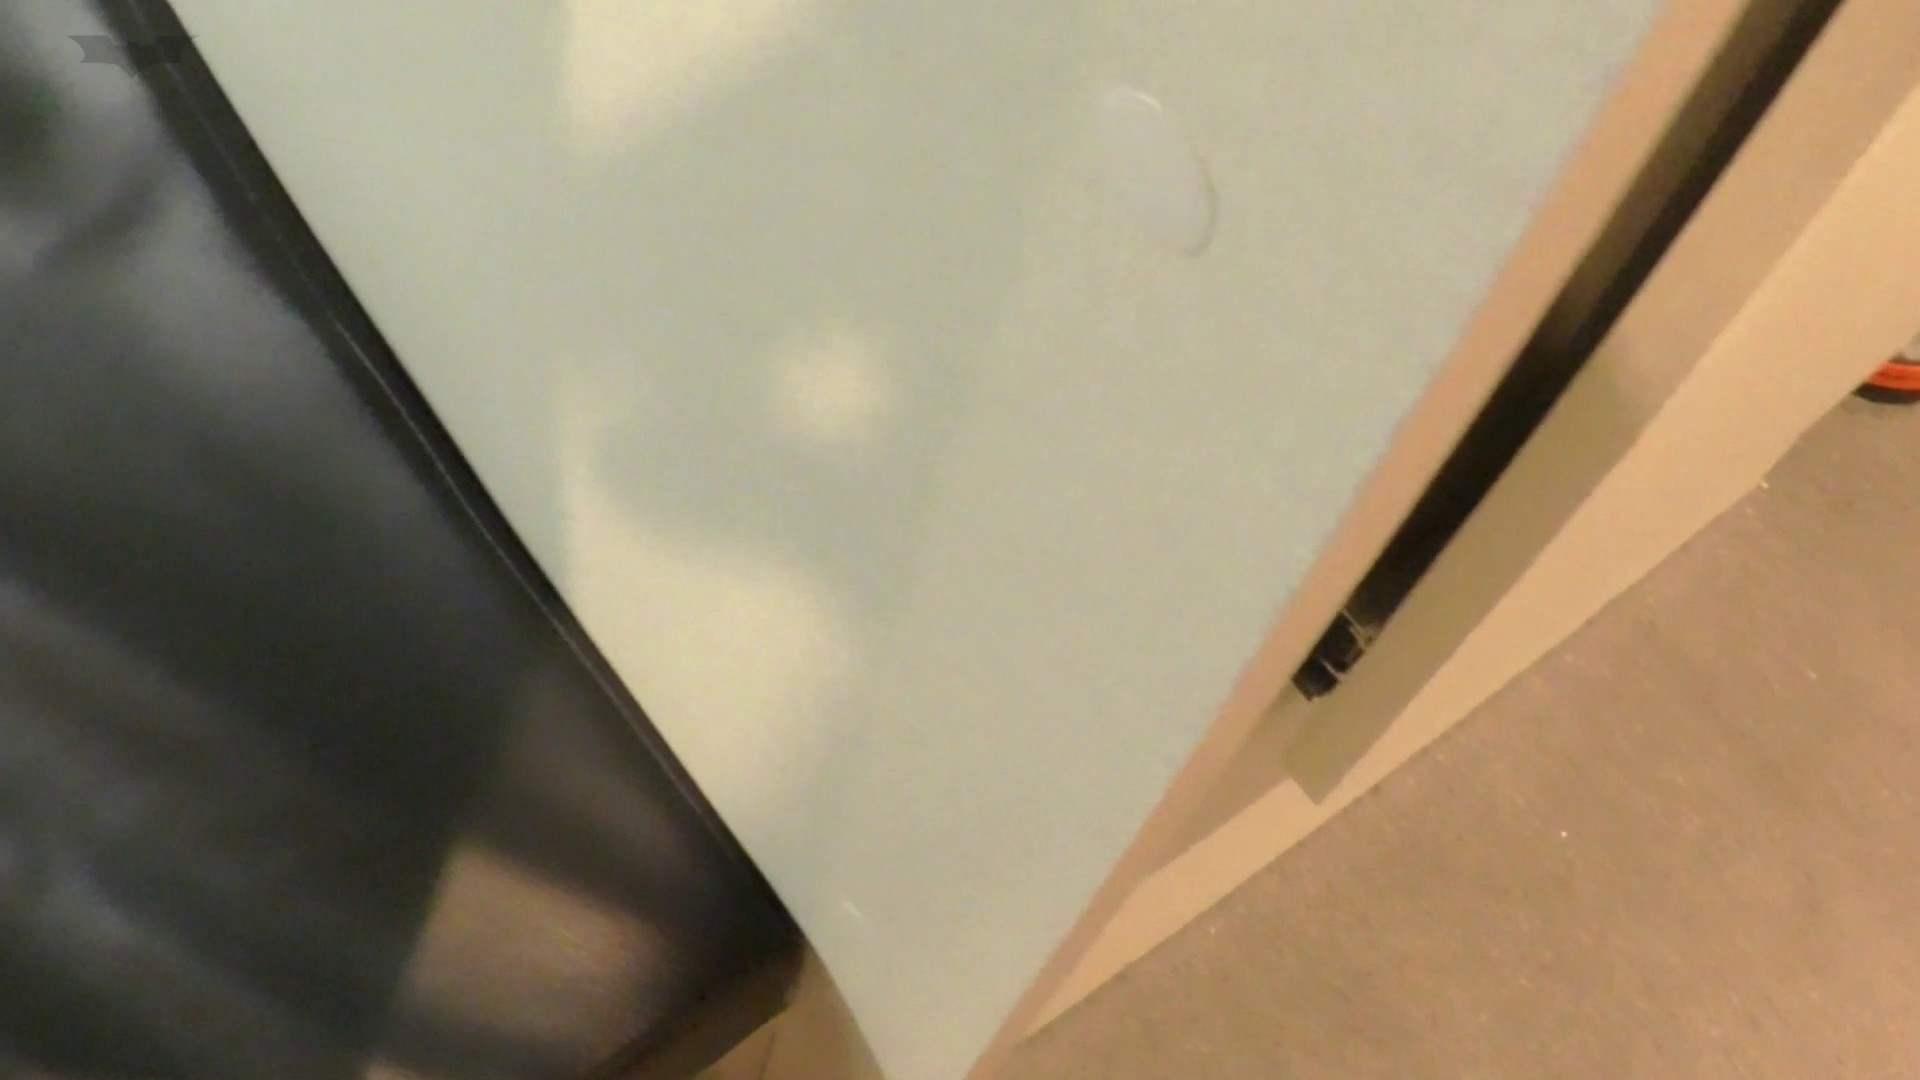 悪戯ネットカフェ Vol14 よく似ているJDにかけちゃった。 美乳 | 丸見えマンコ  95画像 42